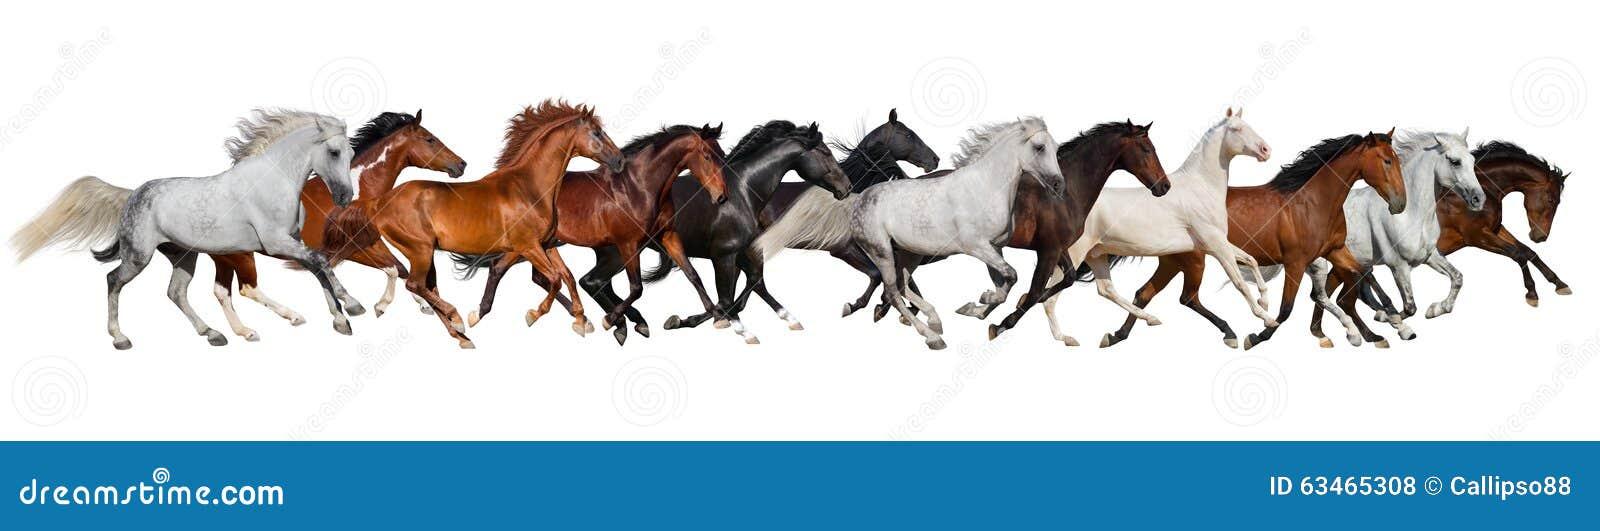 Manada del caballo aislada